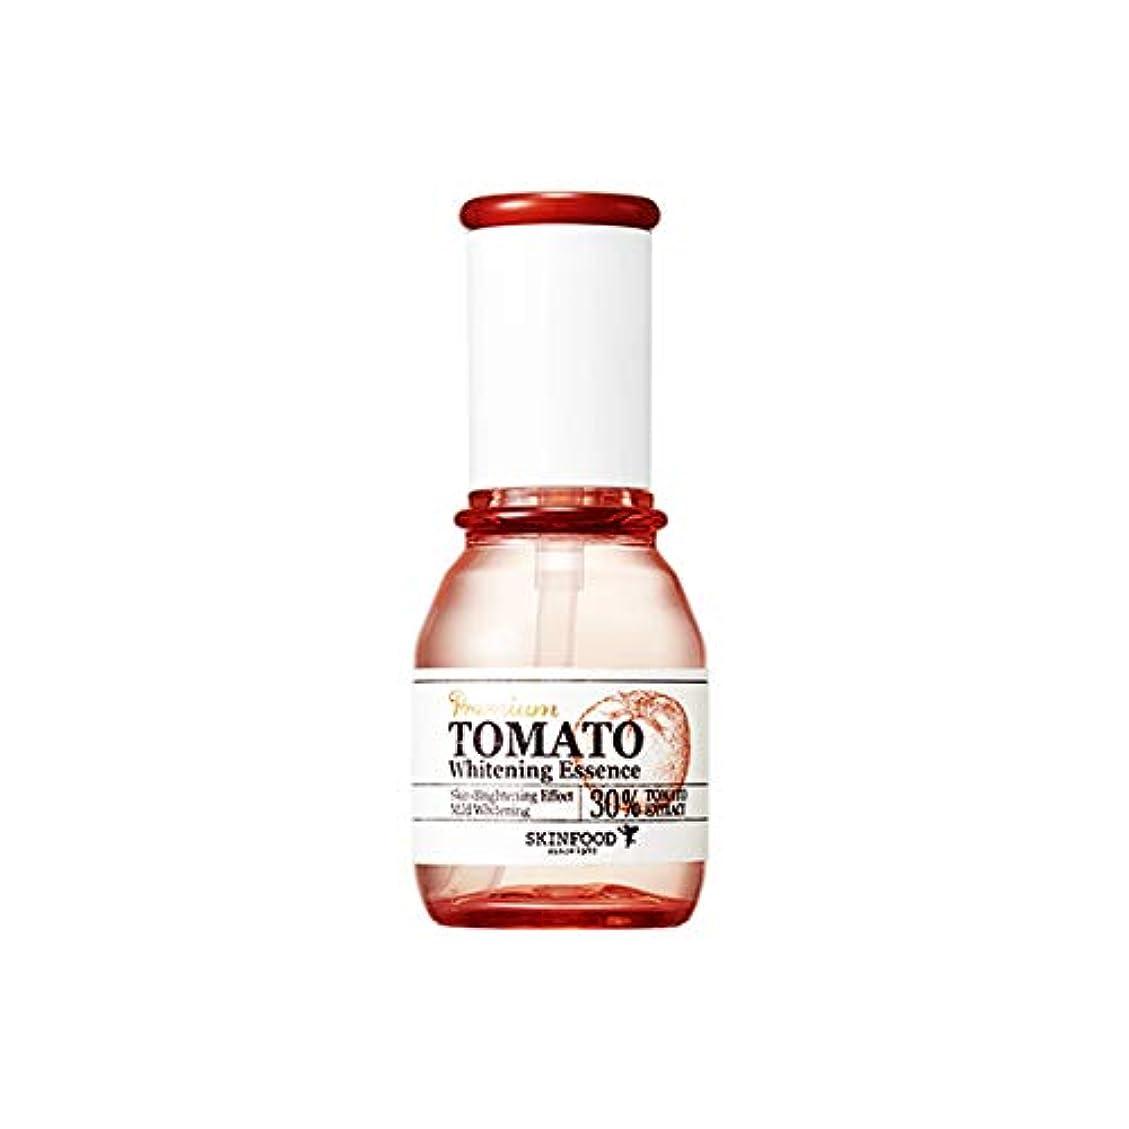 免除ルーさておきSkinfood プレミアムトマトホワイトニングエッセンス(美白効果) / Premium Tomato Whitening Essence (Skin-Brightening Effect)50ml [並行輸入品]